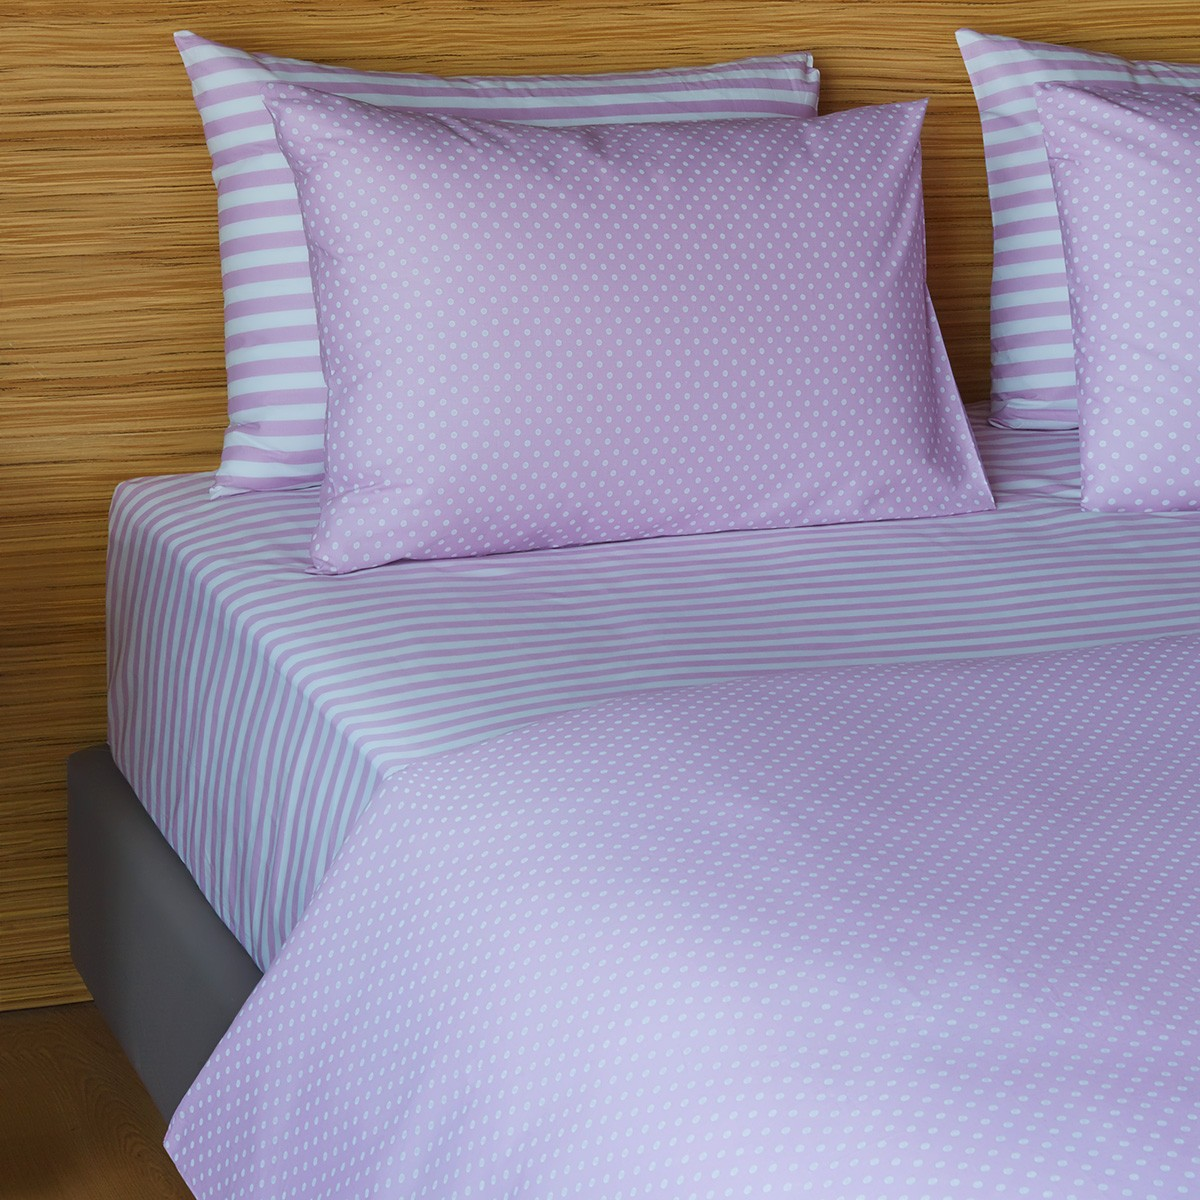 Σεντόνια Υπέρδιπλα (Σετ 240×260) Melinen Ultra 12532 Lilac